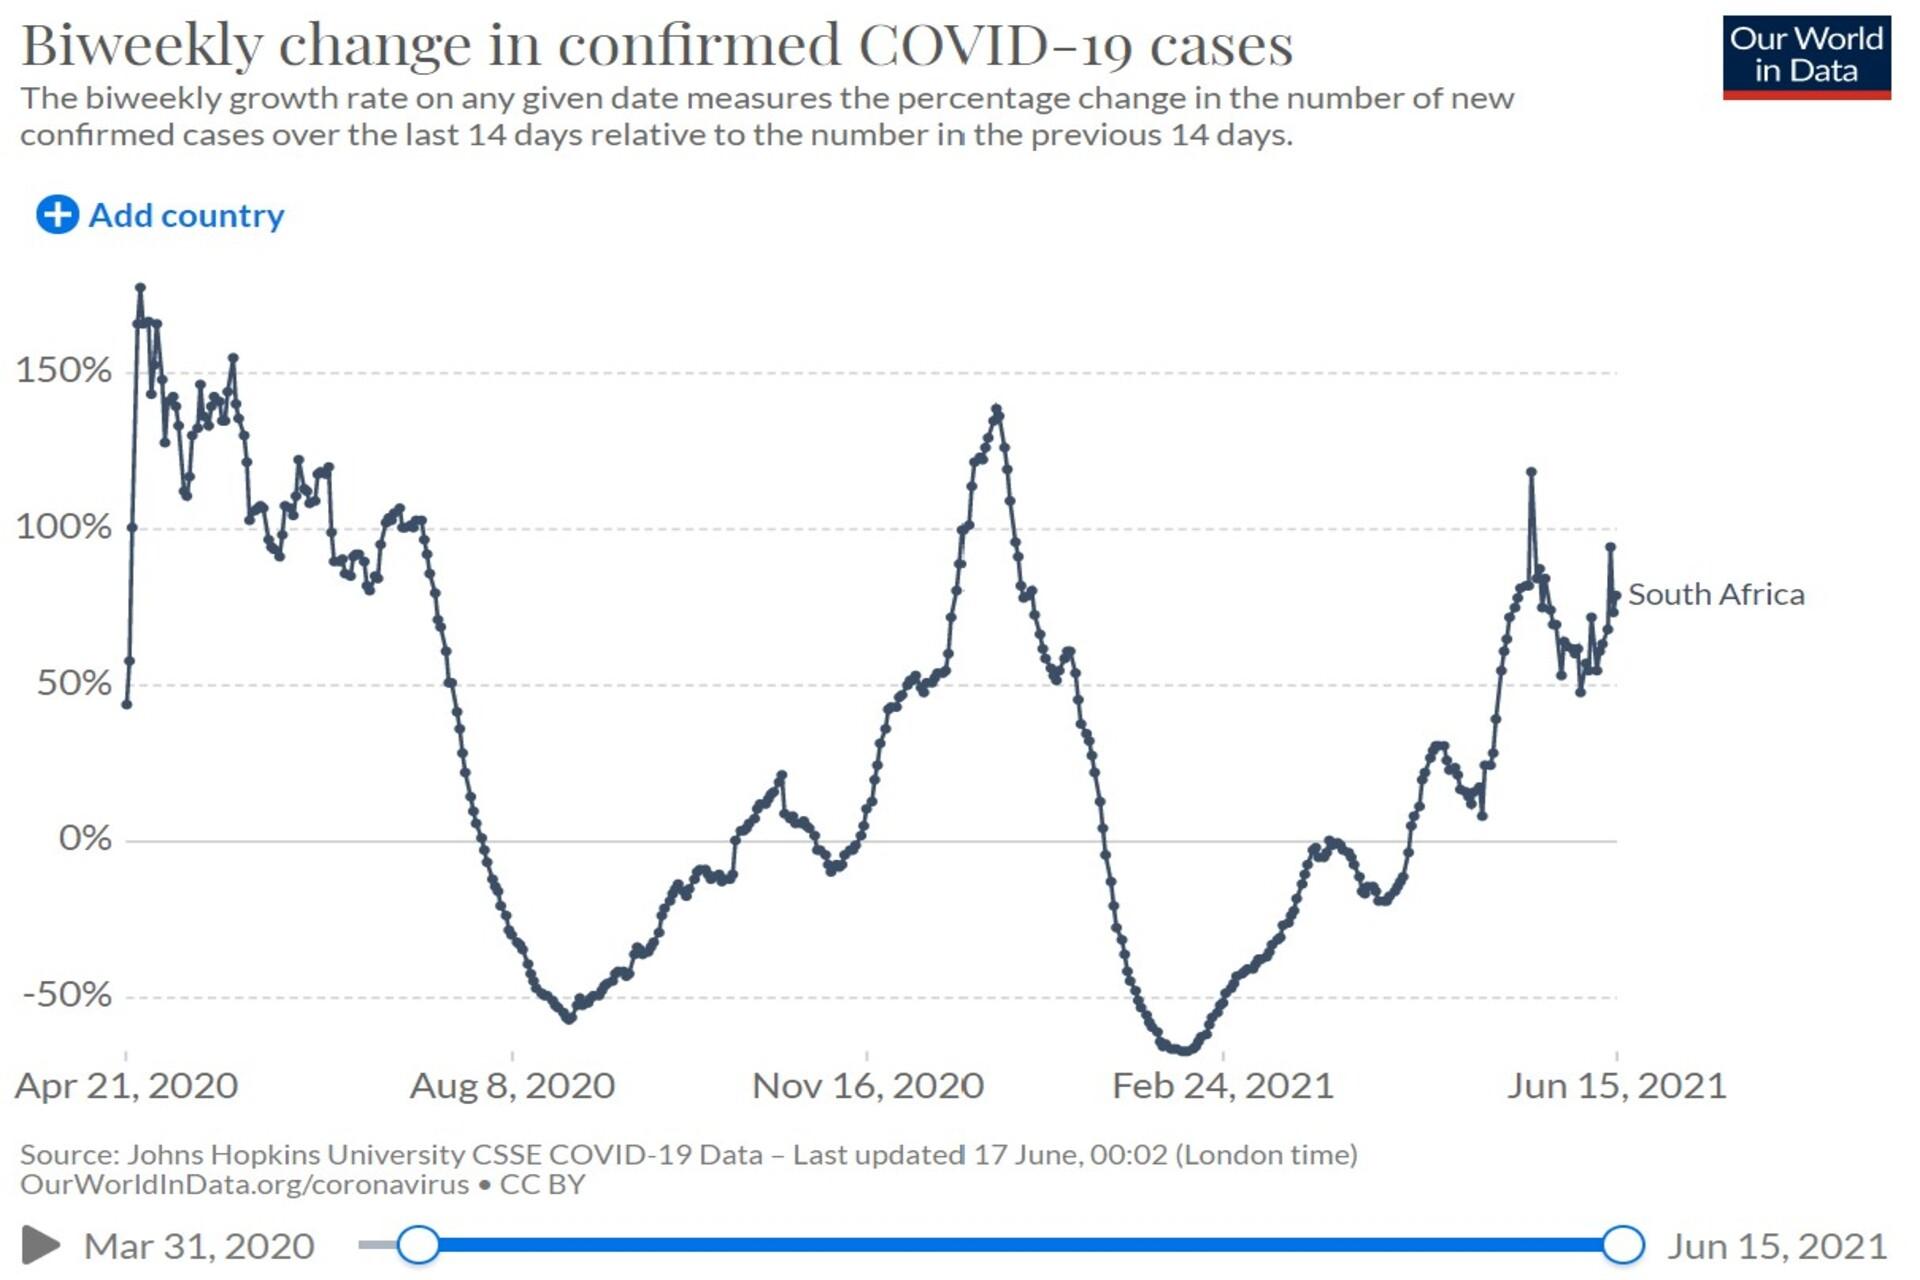 Bi-weekly COVID change